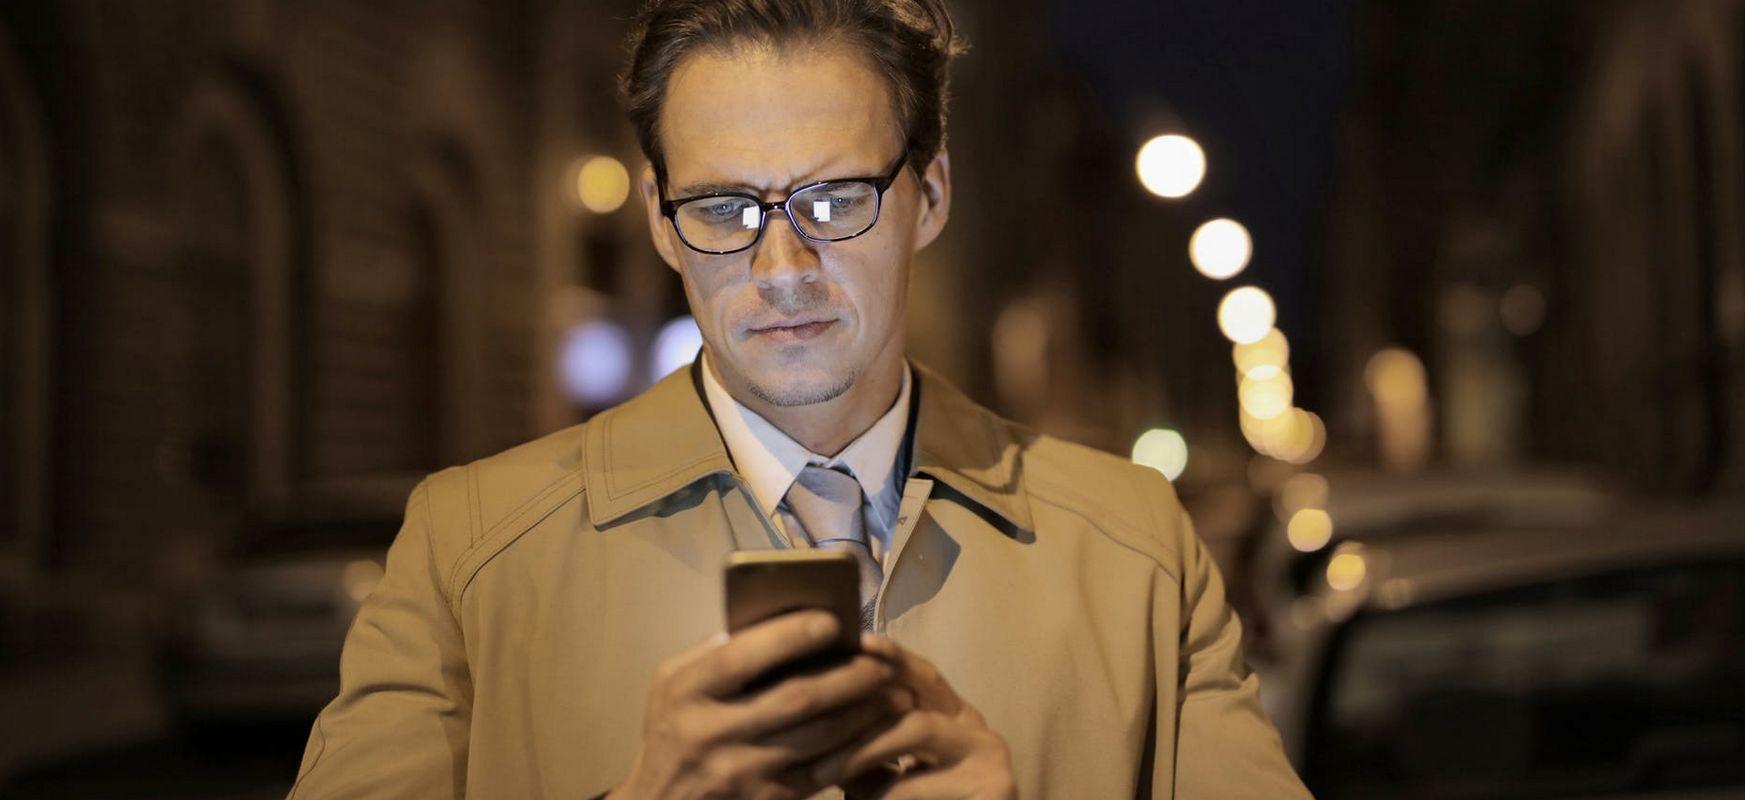 Polonian poliki-poliki agertzen ari dira RCS mezuak, eta Google-k SMSen oinordetza zifratzen ari da